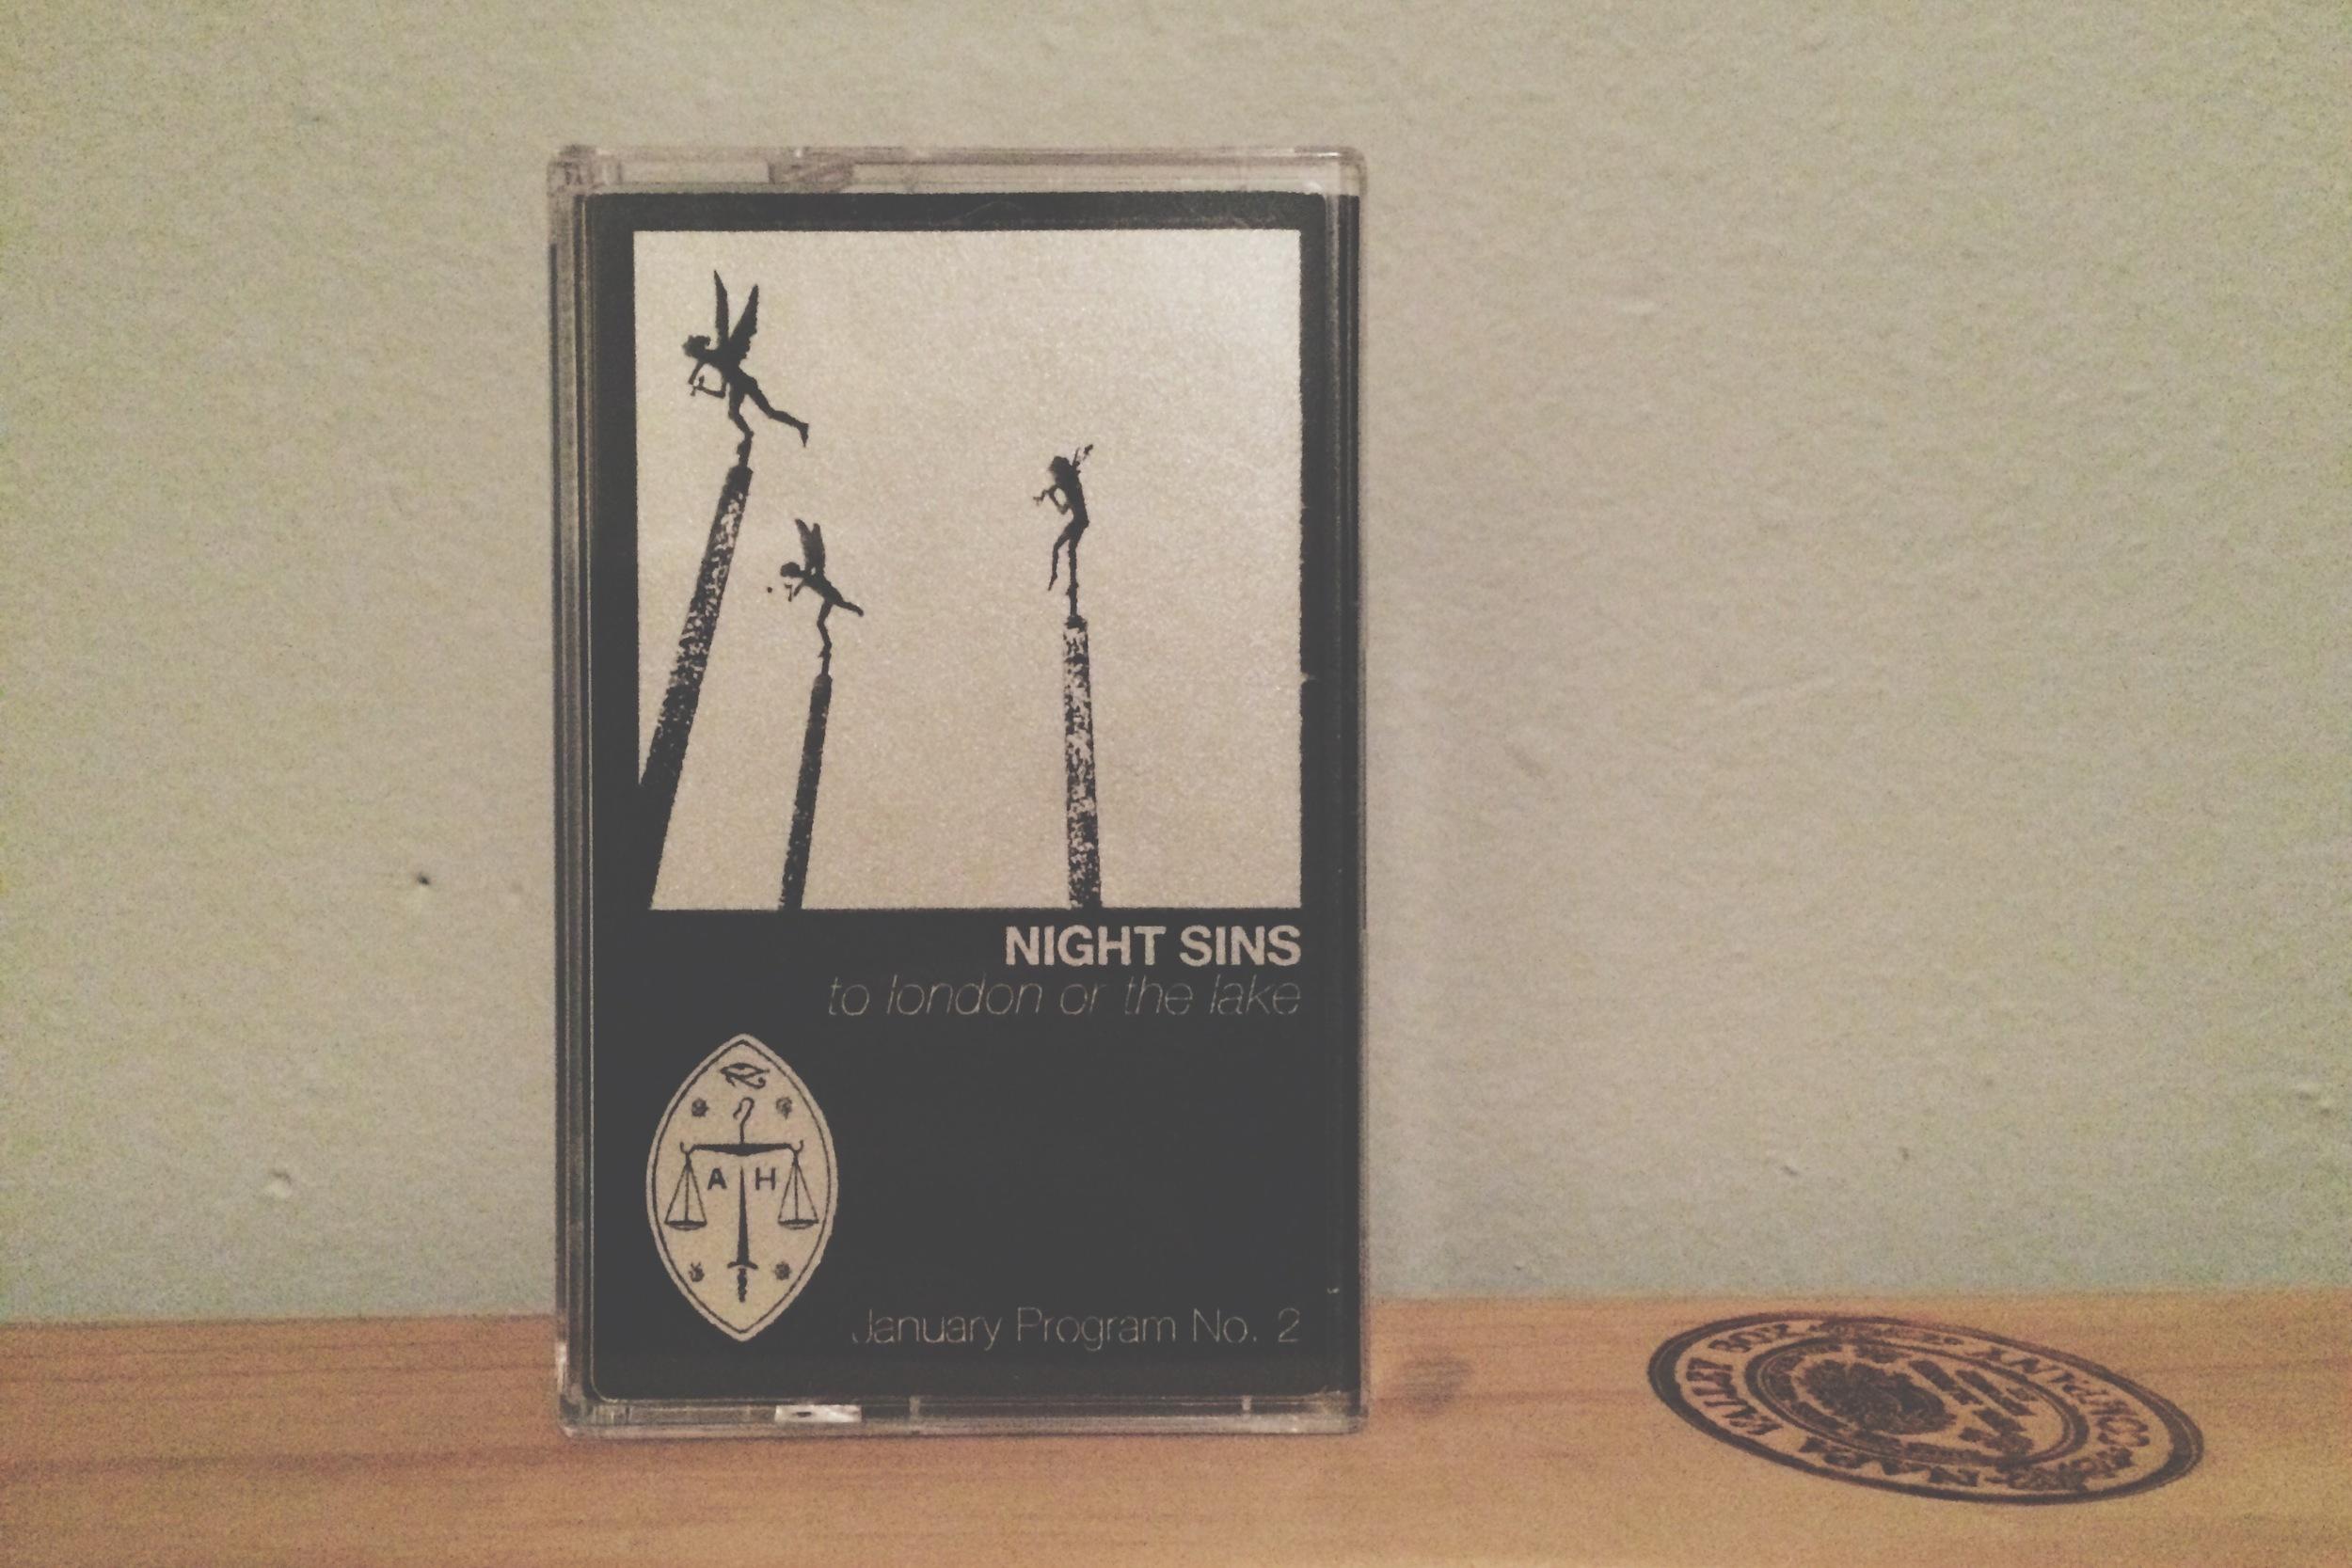 1 06. Night Sins - To London Or The Lake.jpg